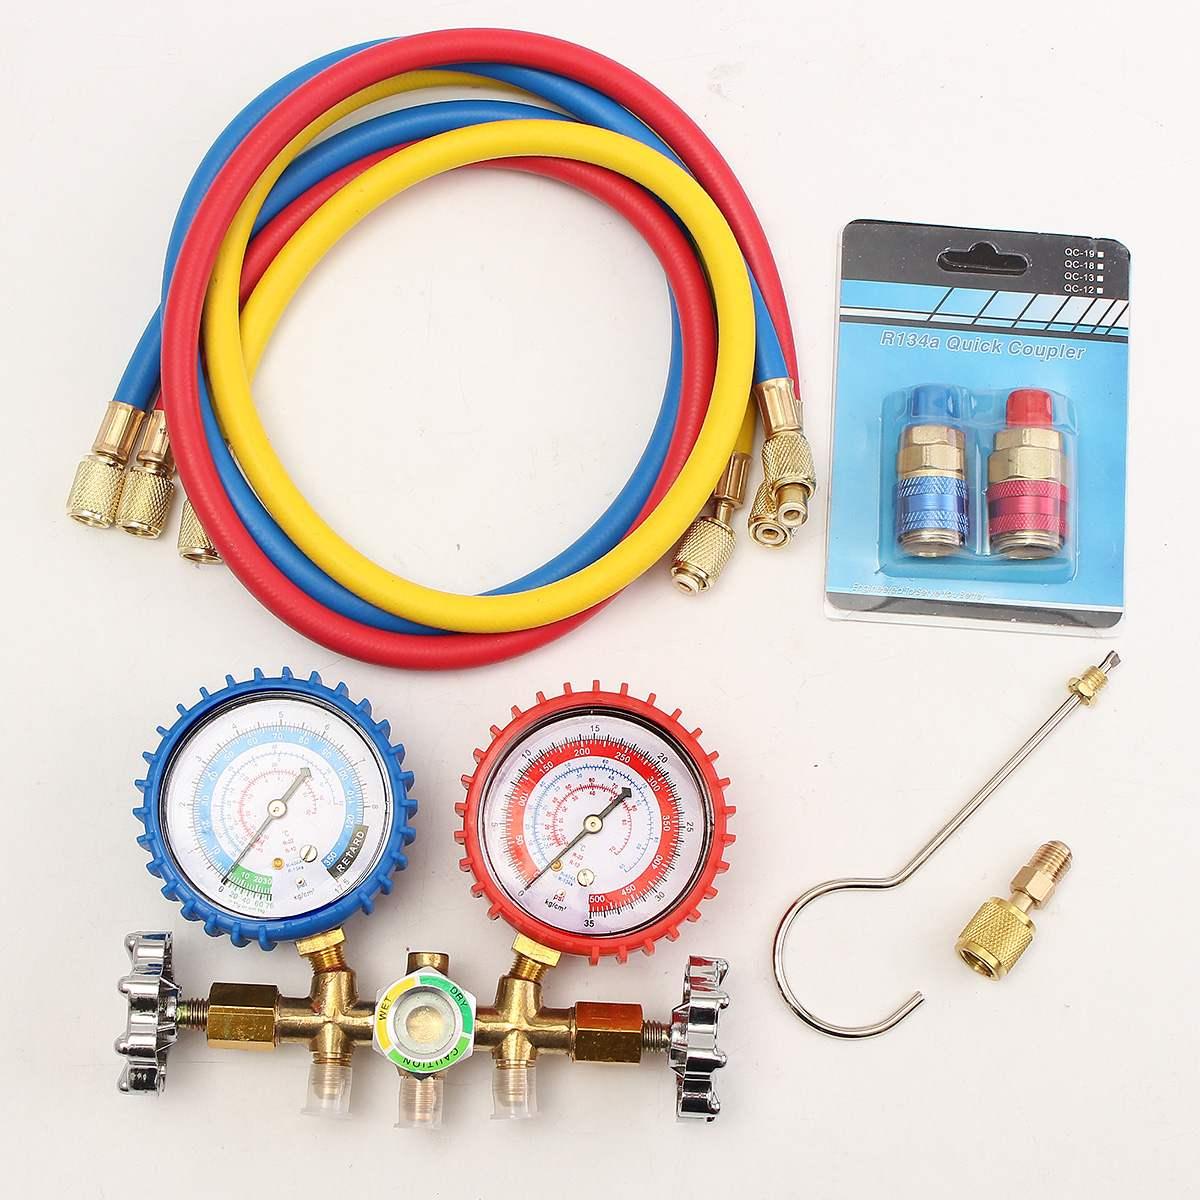 R12 R22 R134A HVAC A/C Refrigerante Manómetro Mangueira De Carregamento Conjunto de Reparação de Automóveis Kit Testadores De Vácuo Pressão Engates